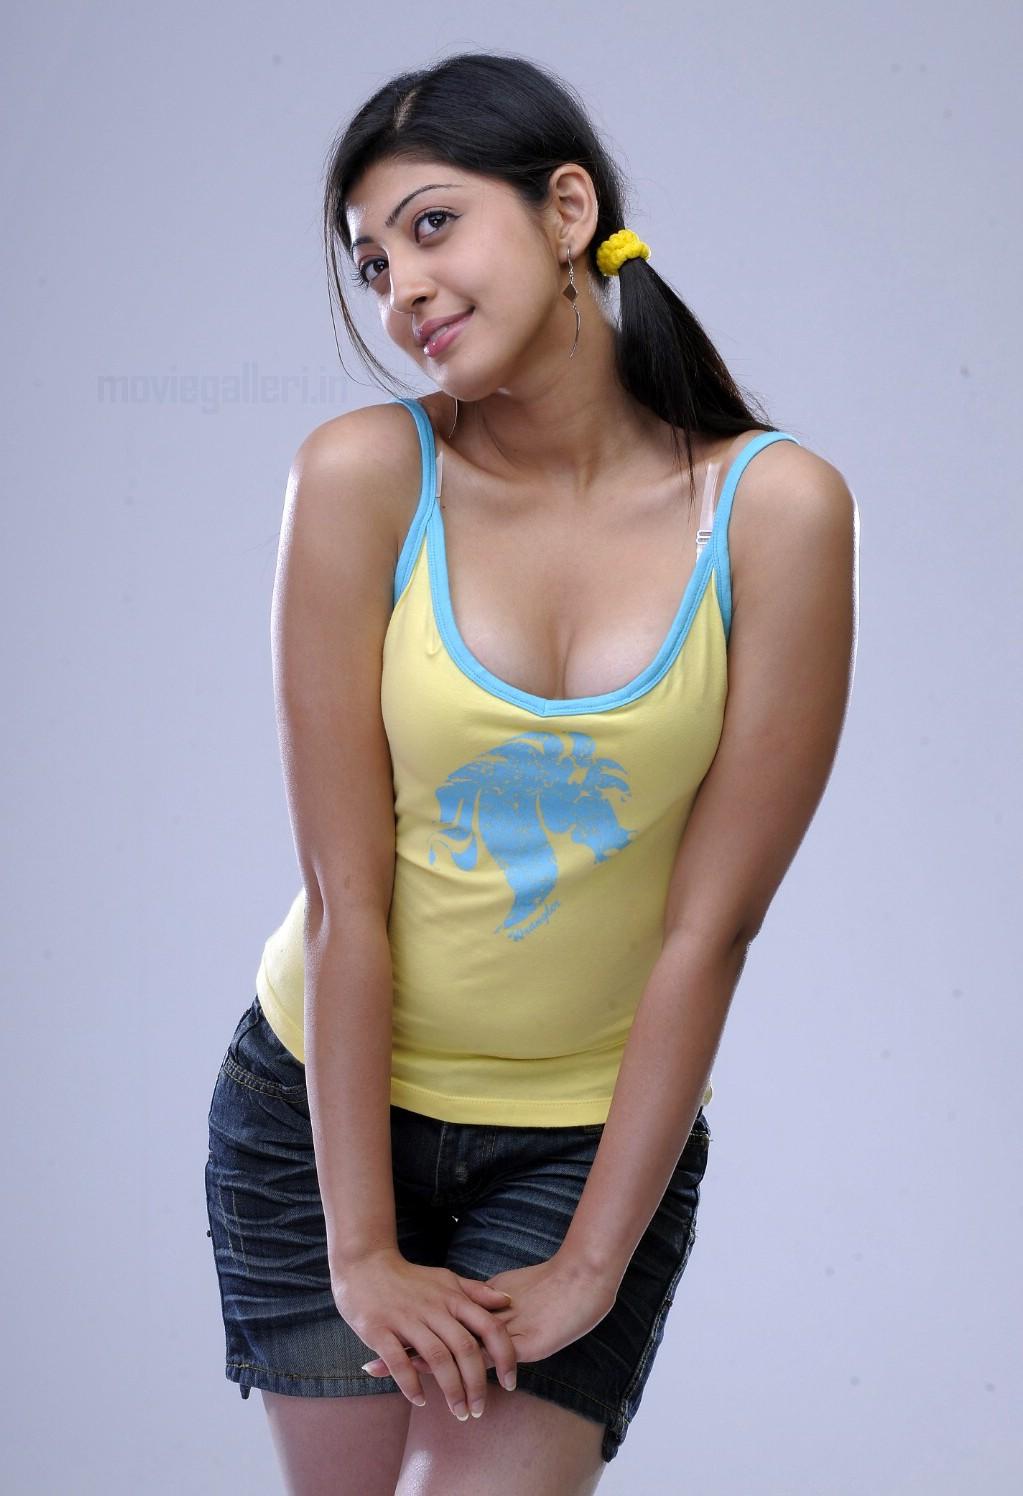 telugu heroines hot wallpapers